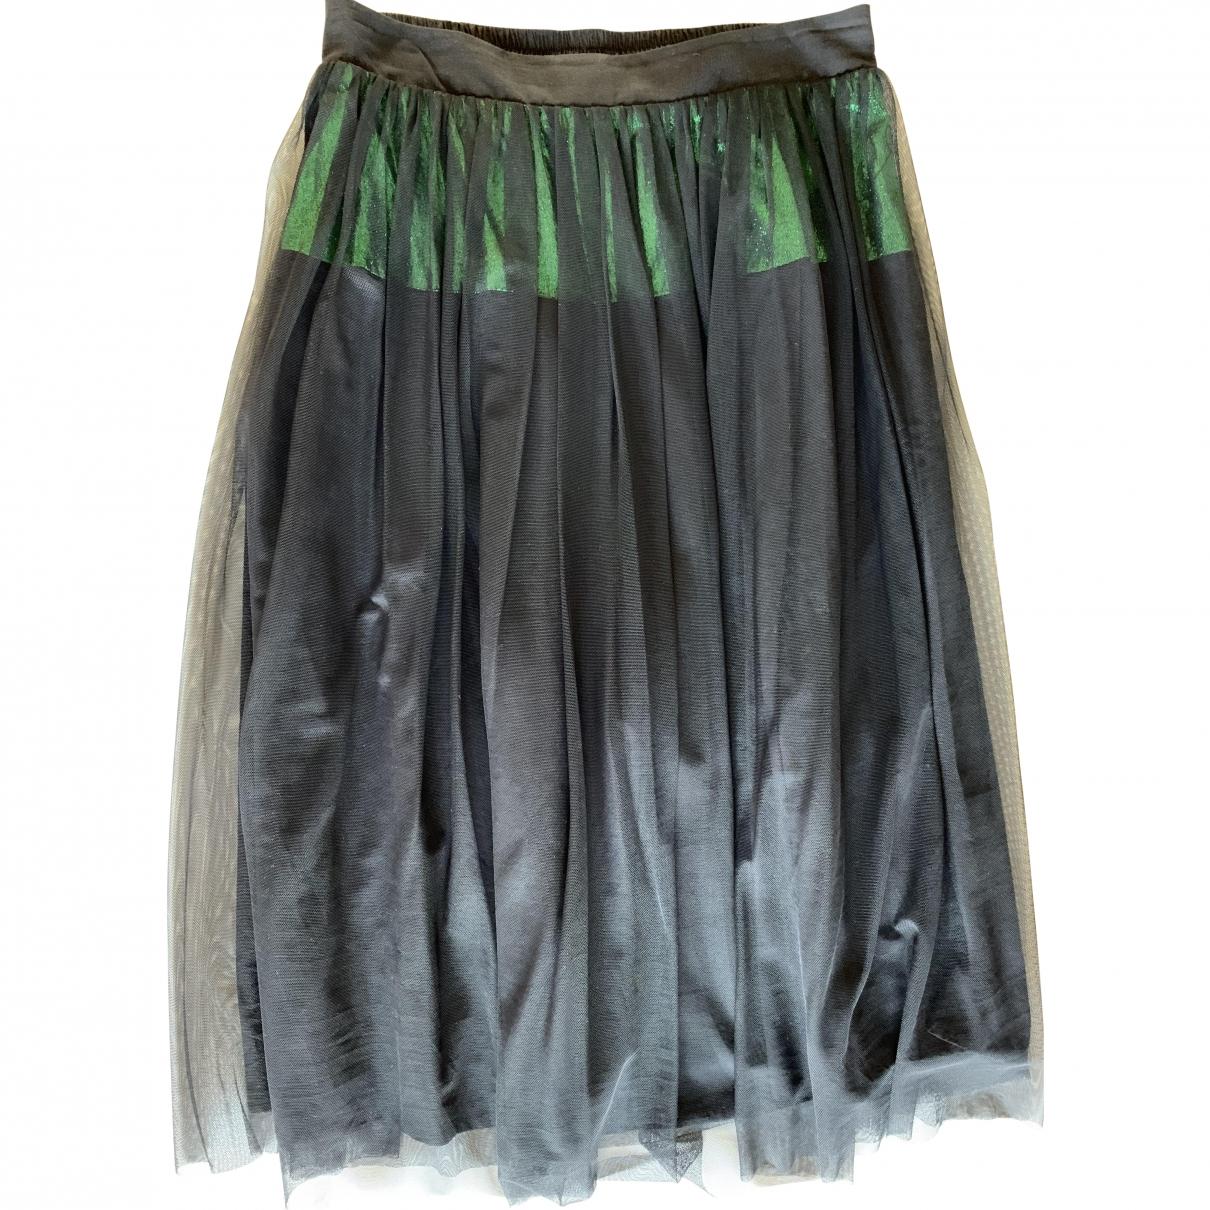 8pm \N Black skirt for Women XS International